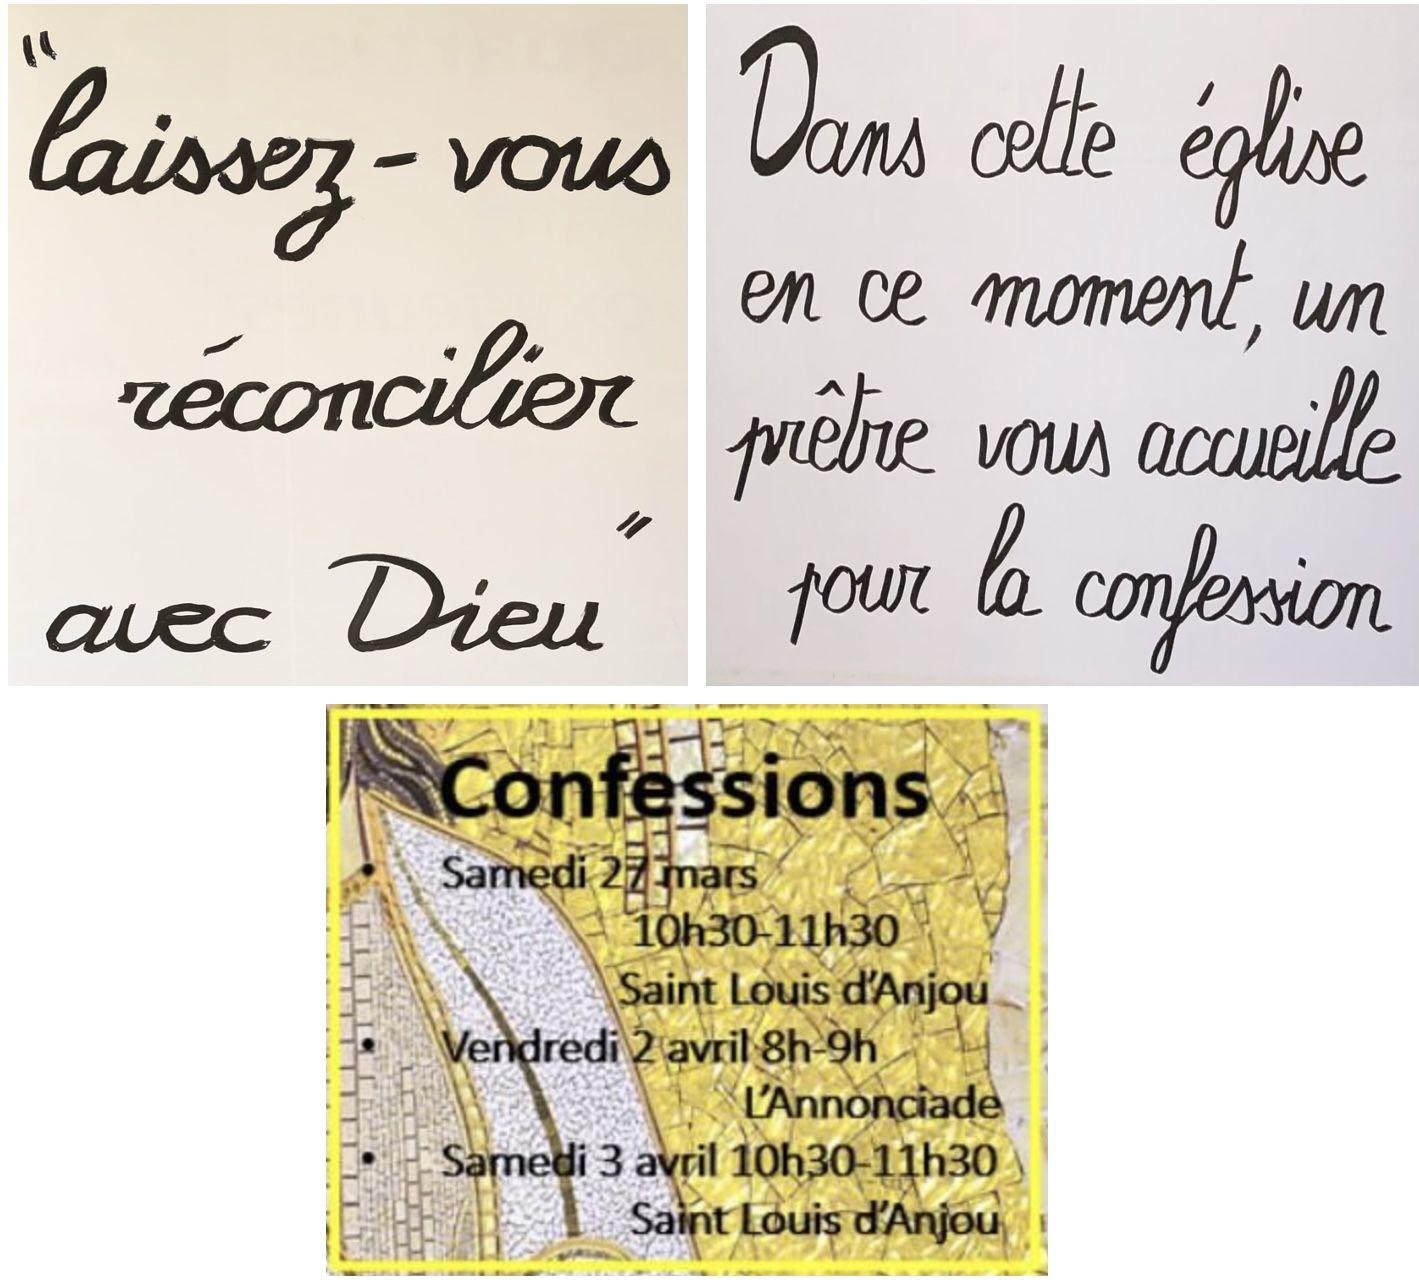 Horaires des confessions